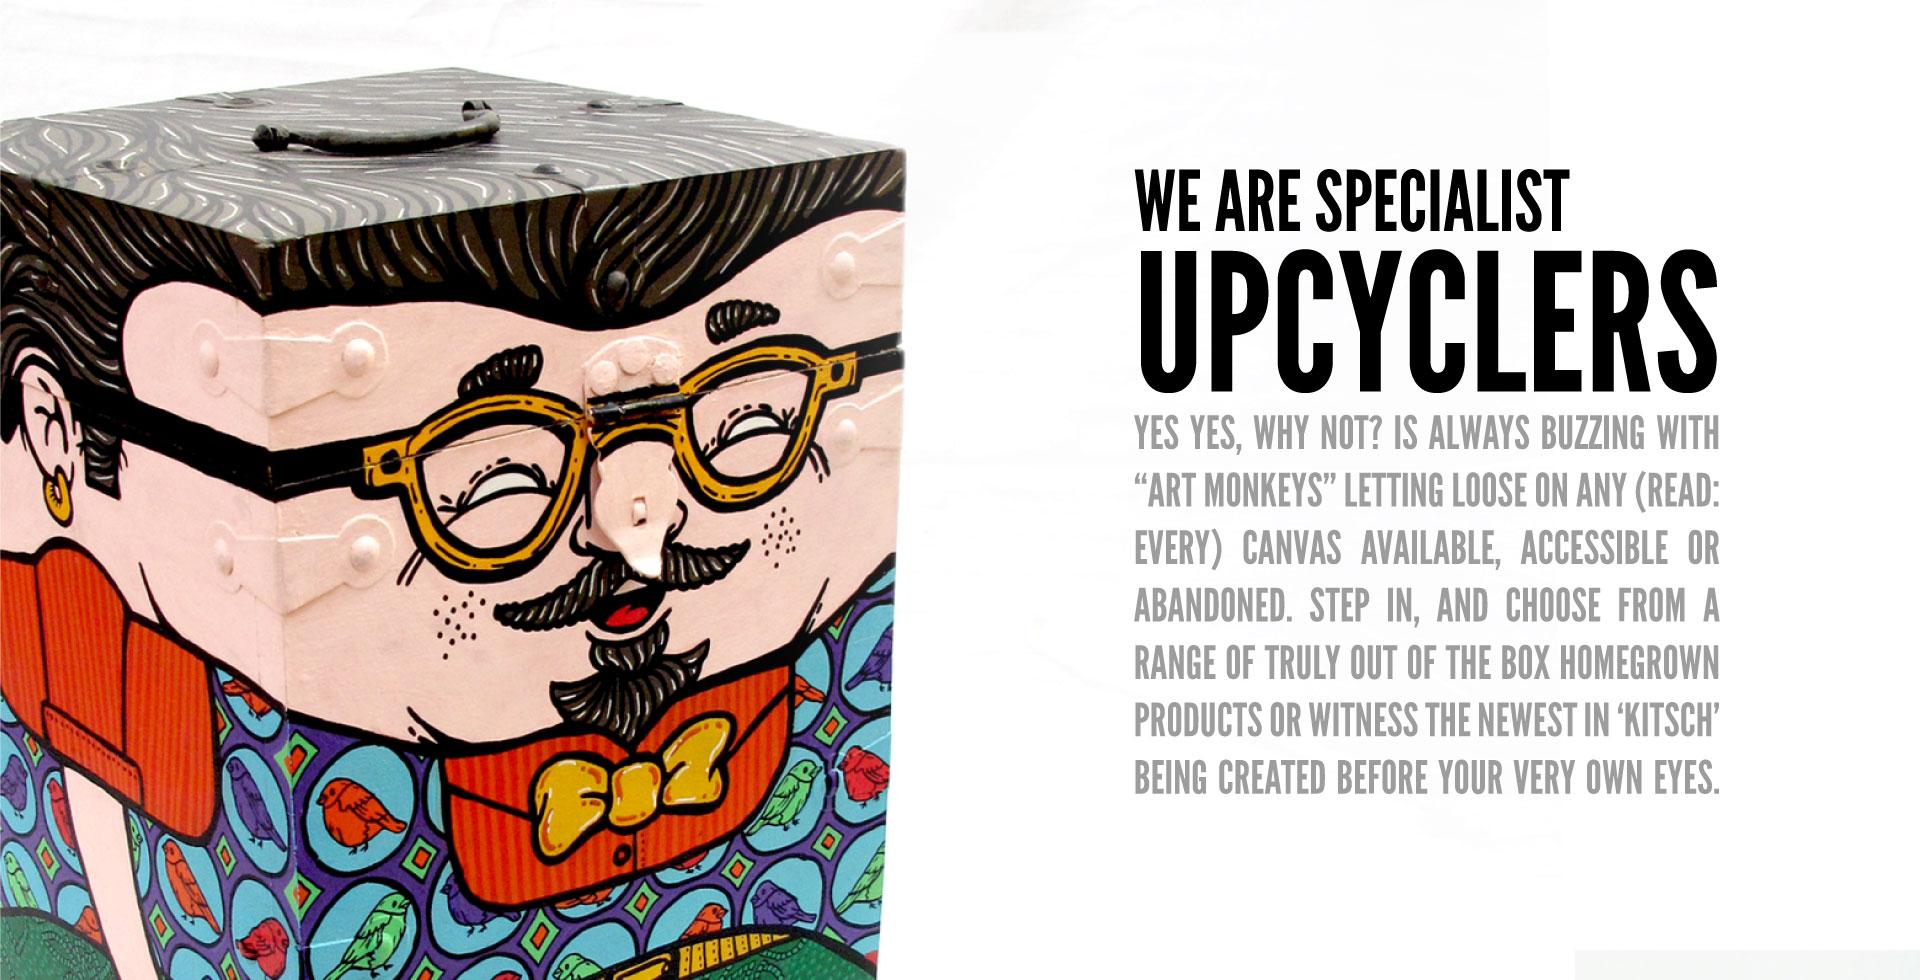 YesYesWhyNot_Upcycler_05.16.18